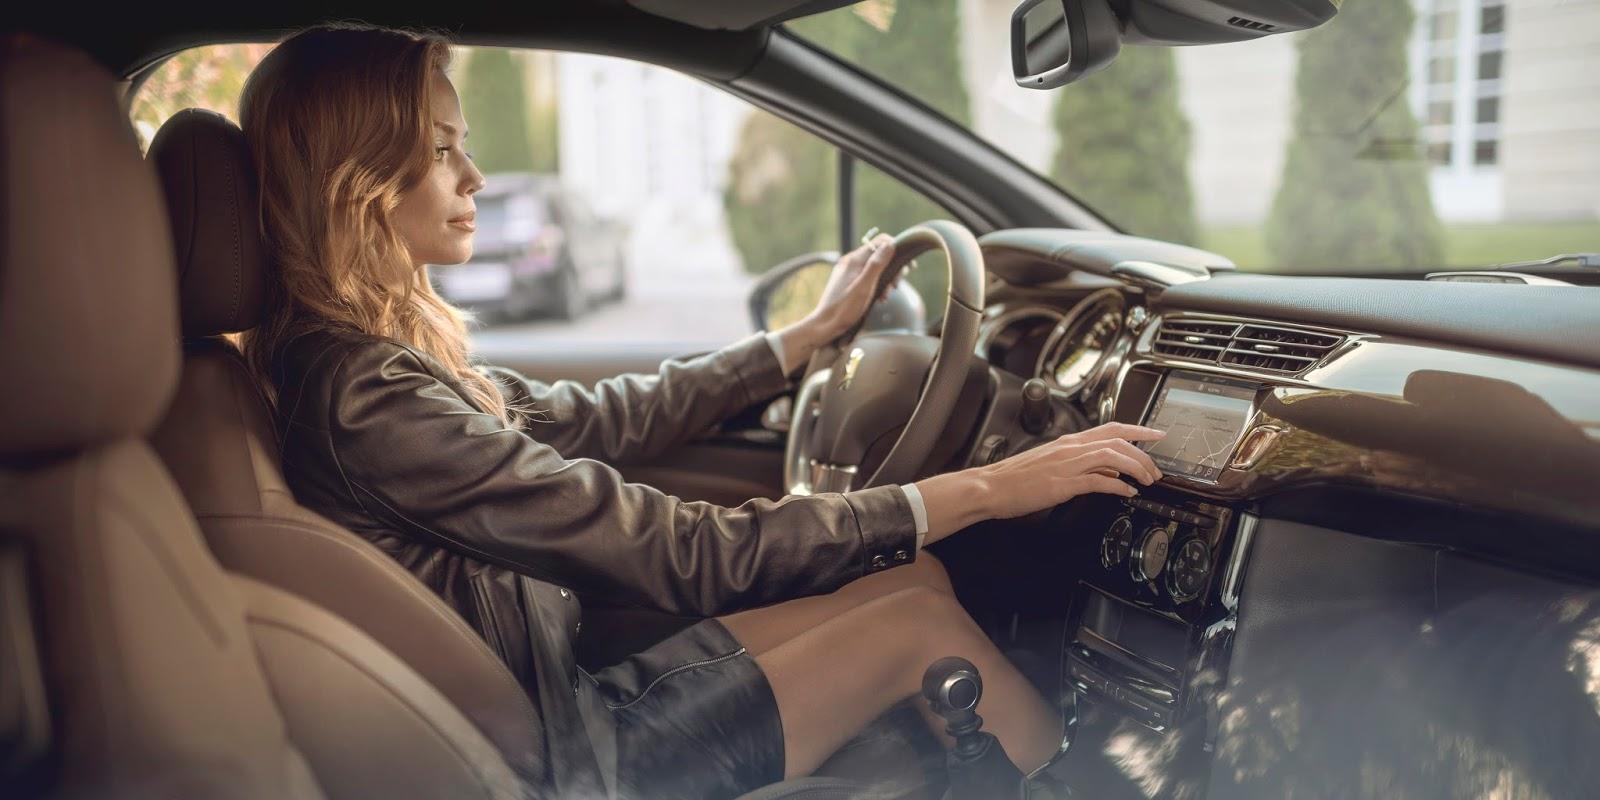 CL%2B15.103.006 Στο Σαλόνι Αυτοκινήτου της Γενεύης η παγκόσμια πρεμιέρα για το DS 3 PERFORMANCE & DS 3 Cabrio PERFORMANCE των 208 ίππων ds 3, DS 3 PERFORMANCE, DS 4, DS 4 Crossback, DS 5, DS Automobiles, Virtual Garage, Σαλόνι Αυτοκινήτου, Σαλόνι Αυτοκινήτου της Γενεύης